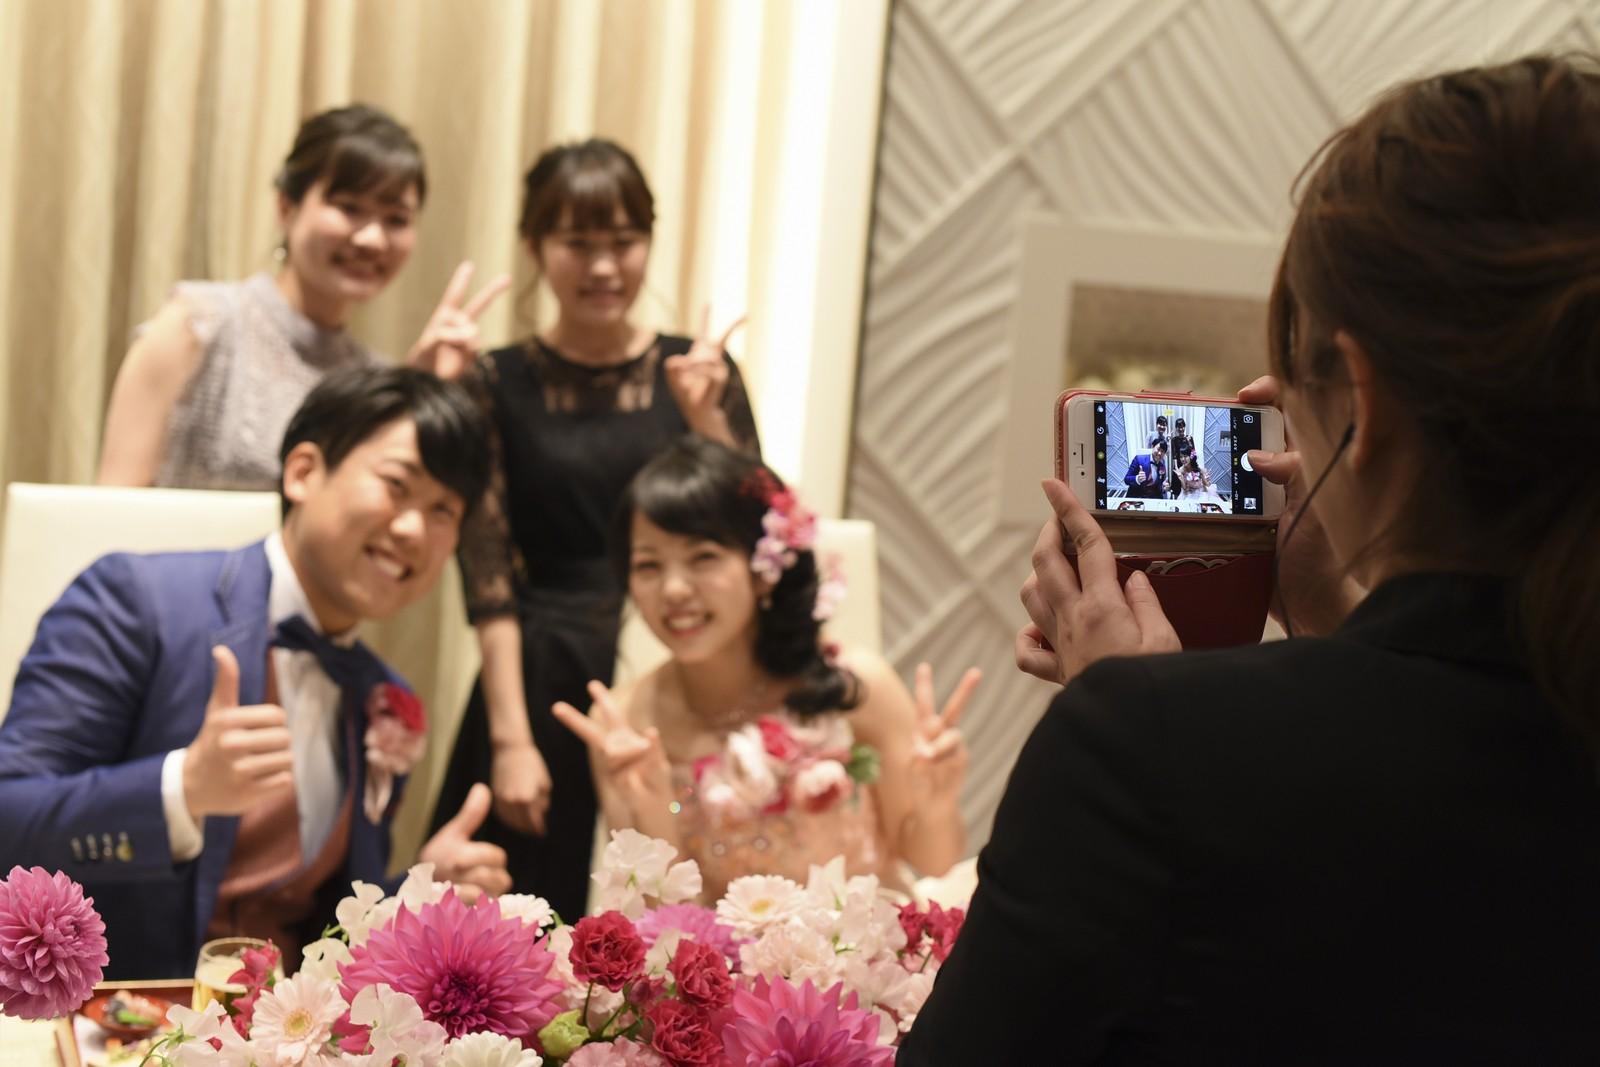 徳島市の結婚式場ブランアンジュでメインテーブルでご友人様と記念撮影